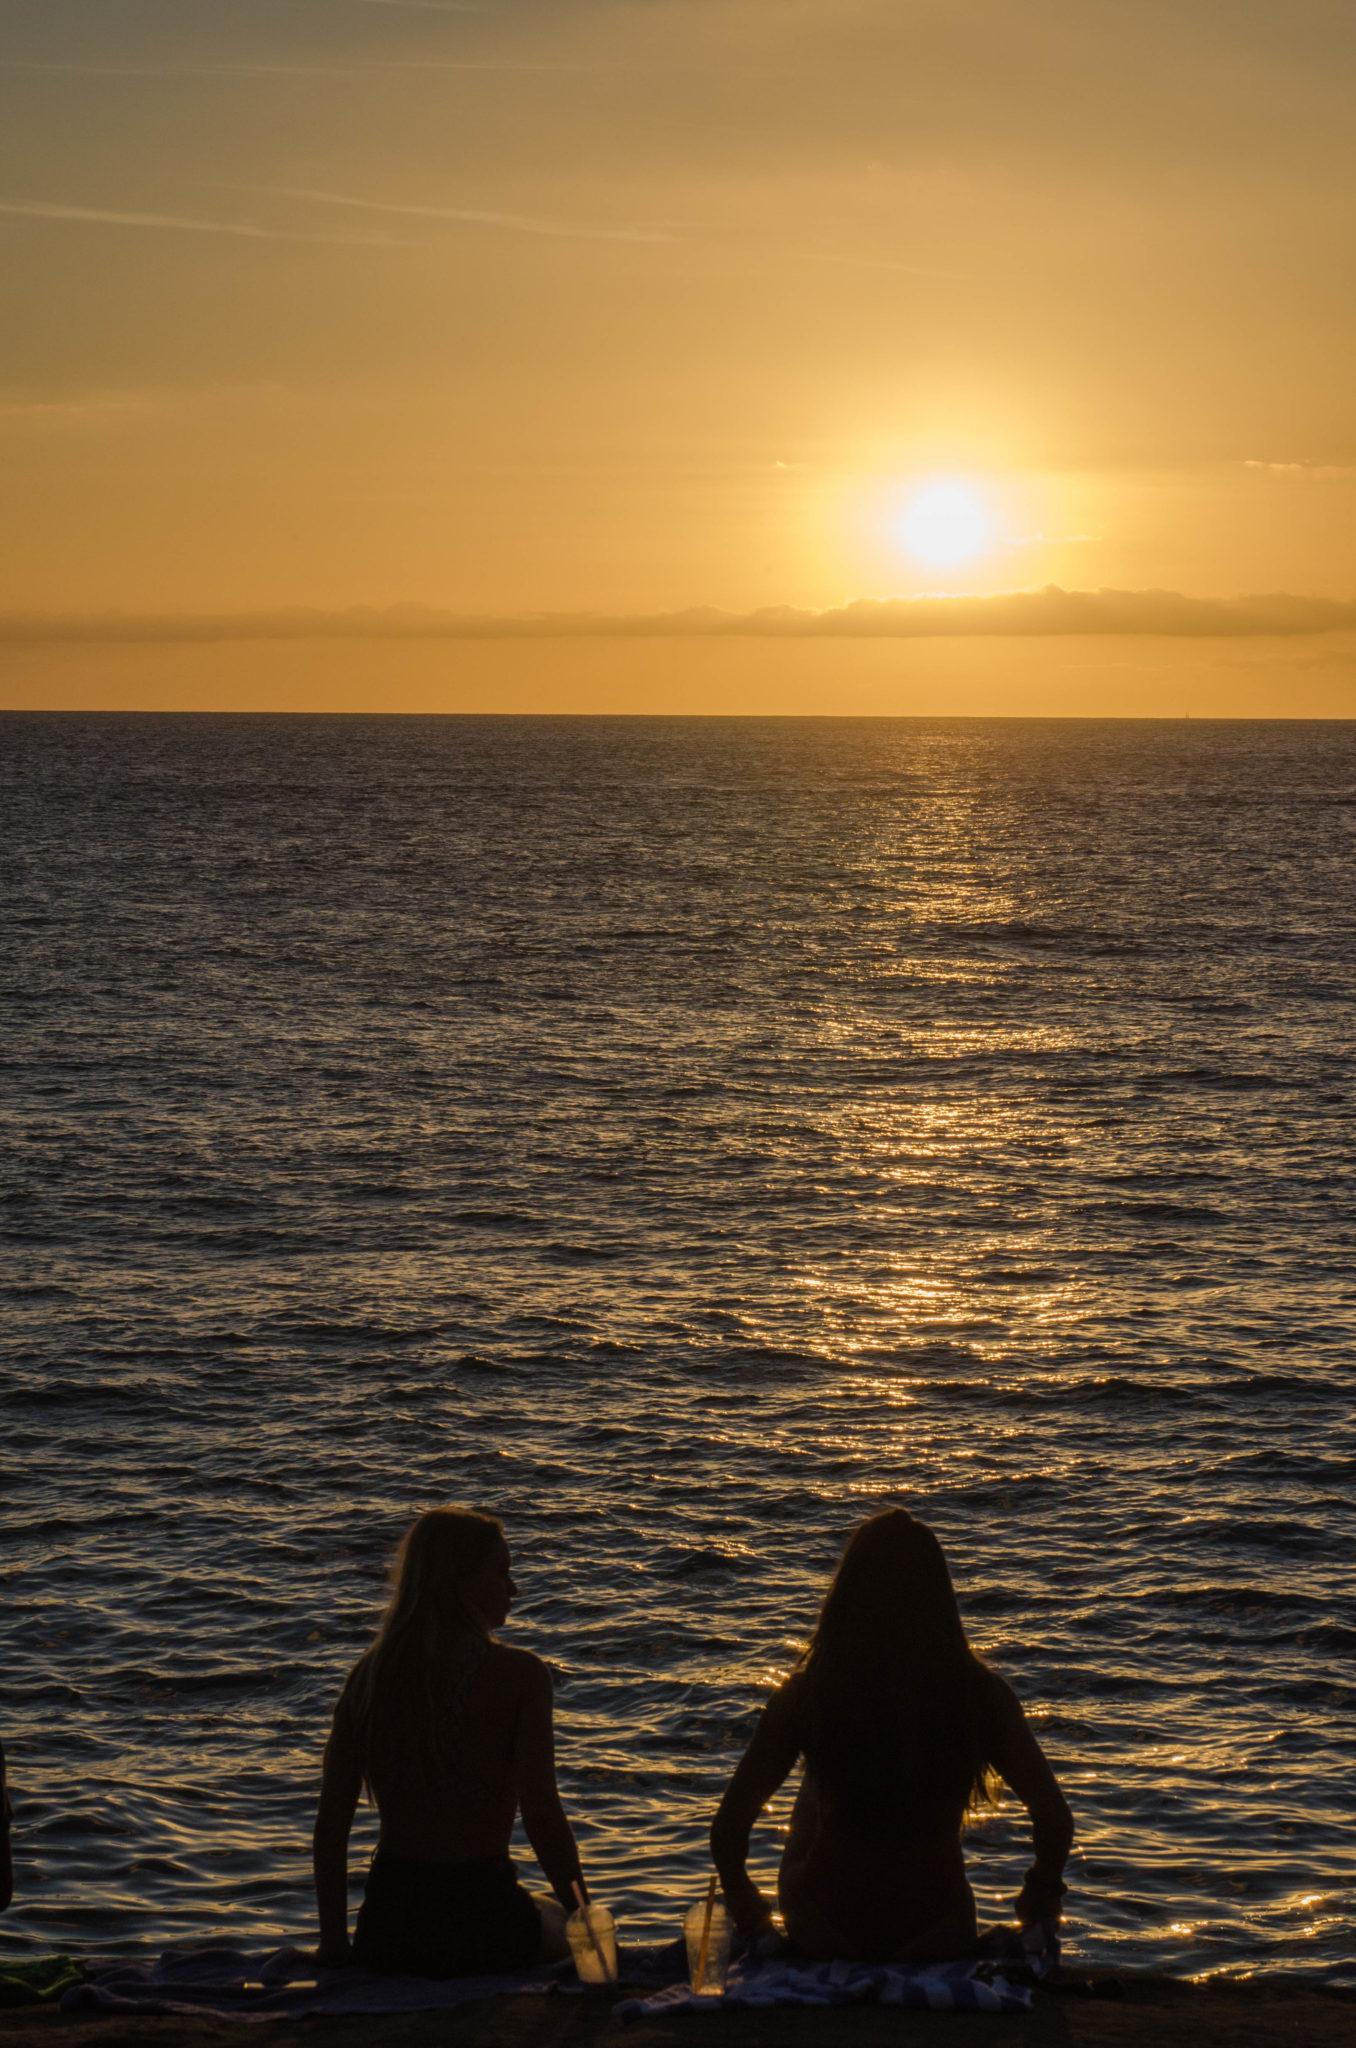 Oahu bietet unter den Hawaii Inseln die schönsten Sonnenuntergänge